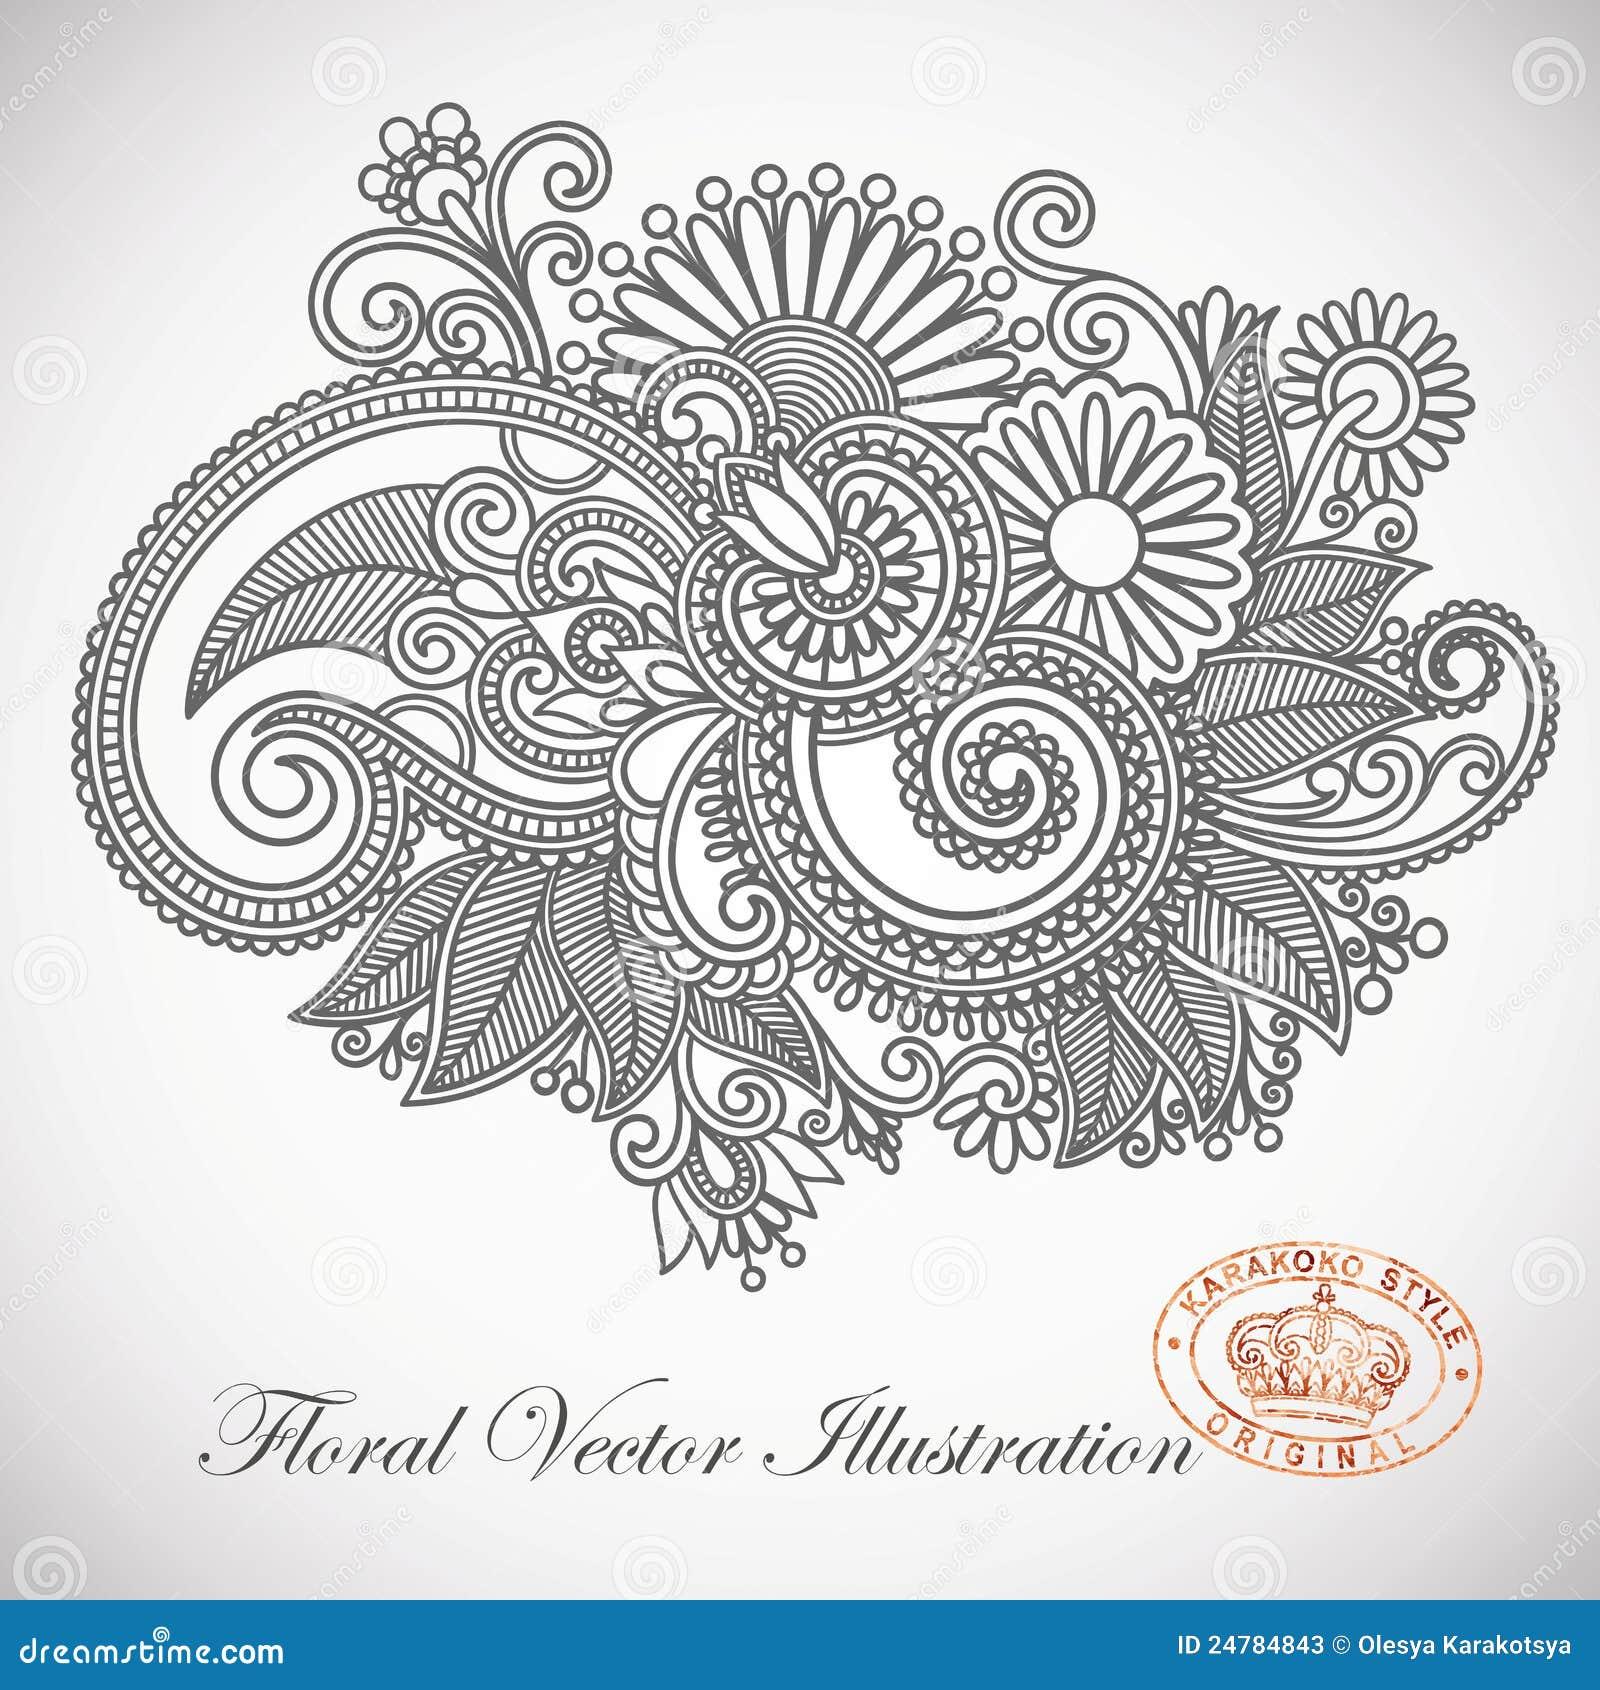 Line Art Ornate Flower Design : Ornate flower design stock vector image of intricate